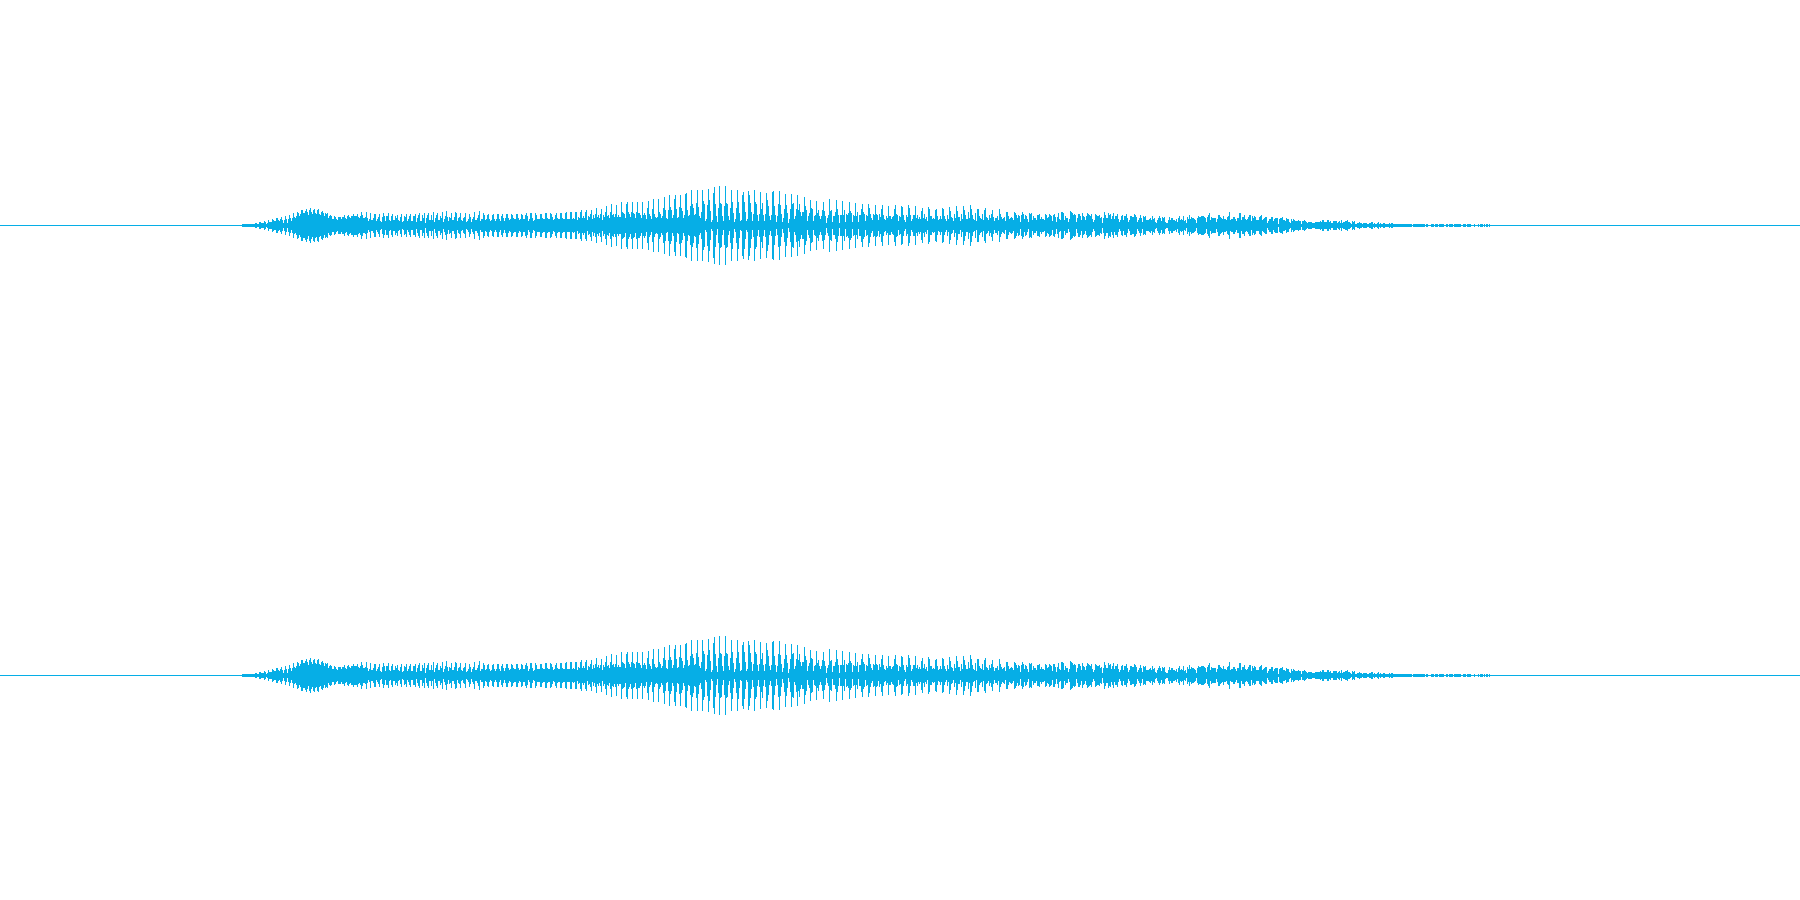 ニャー_猫声-10の再生済みの波形